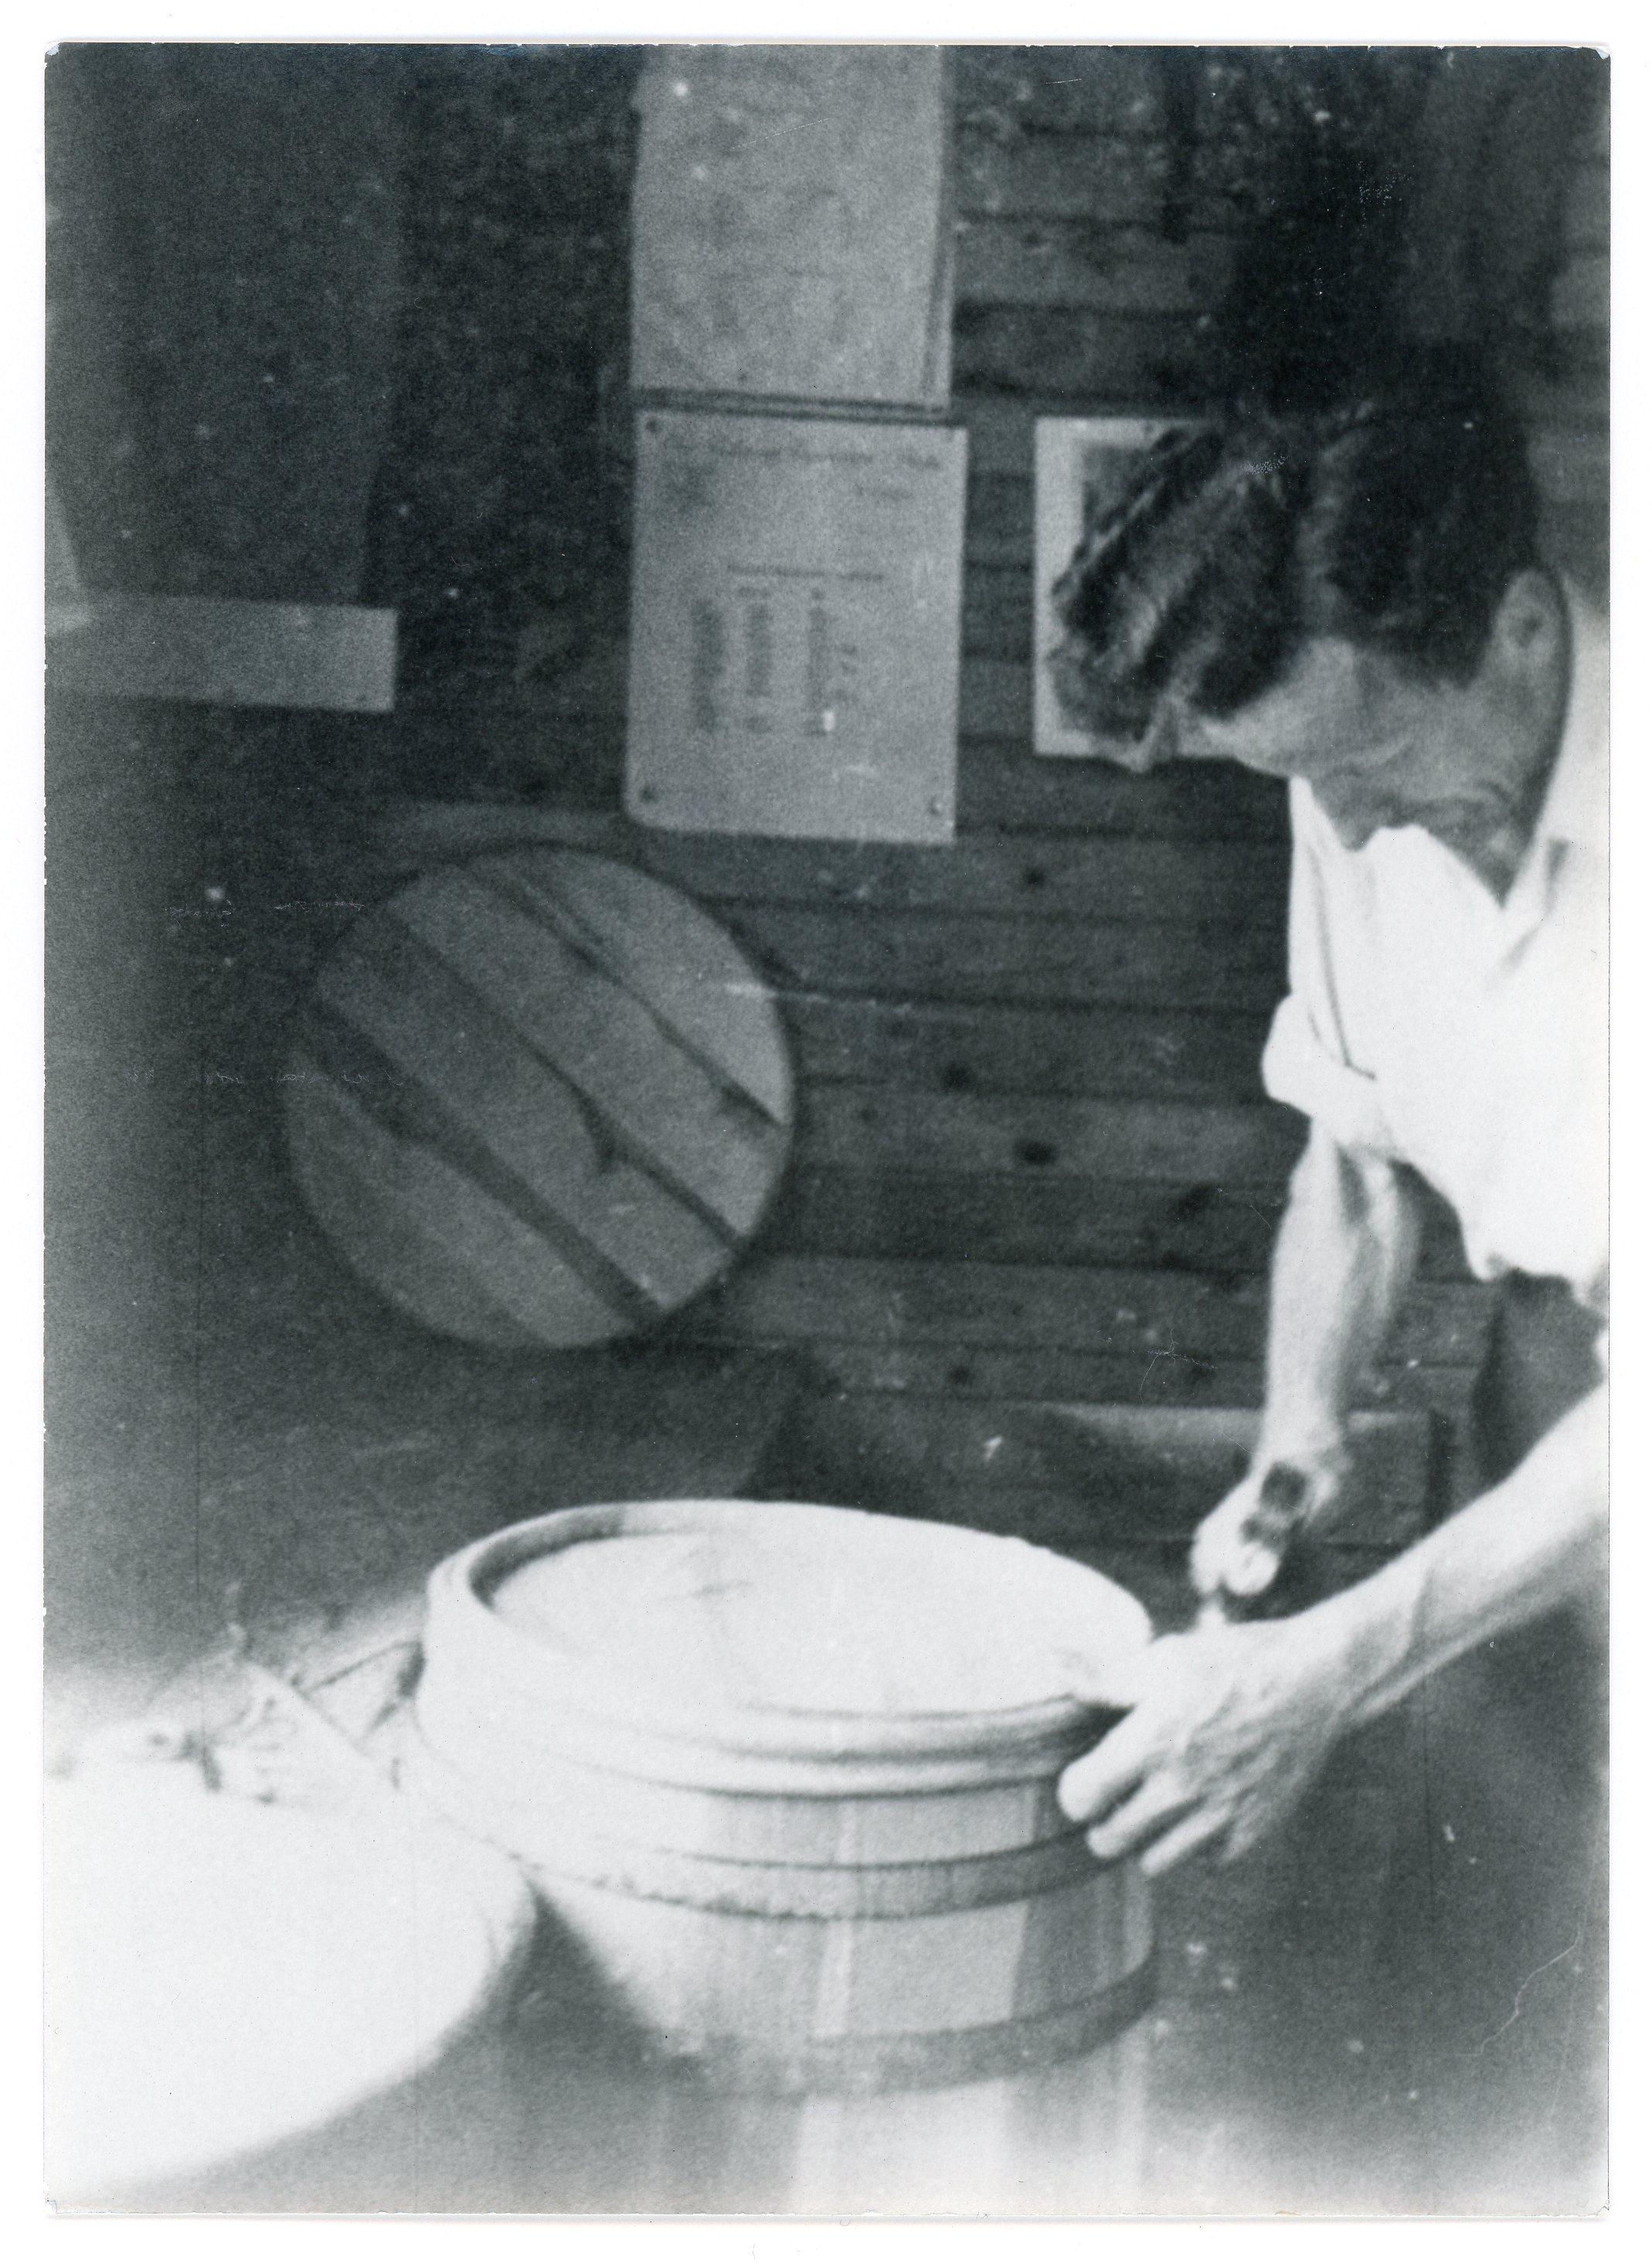 En man i vit skjorta står böjd över en tunna i en snickeriverkstad. Han binder tunnan med band. Hans underarmar är seniga och ådriga. Väggen bakom honom består av liggande brädor. På väggen hänger ett runt trälock.